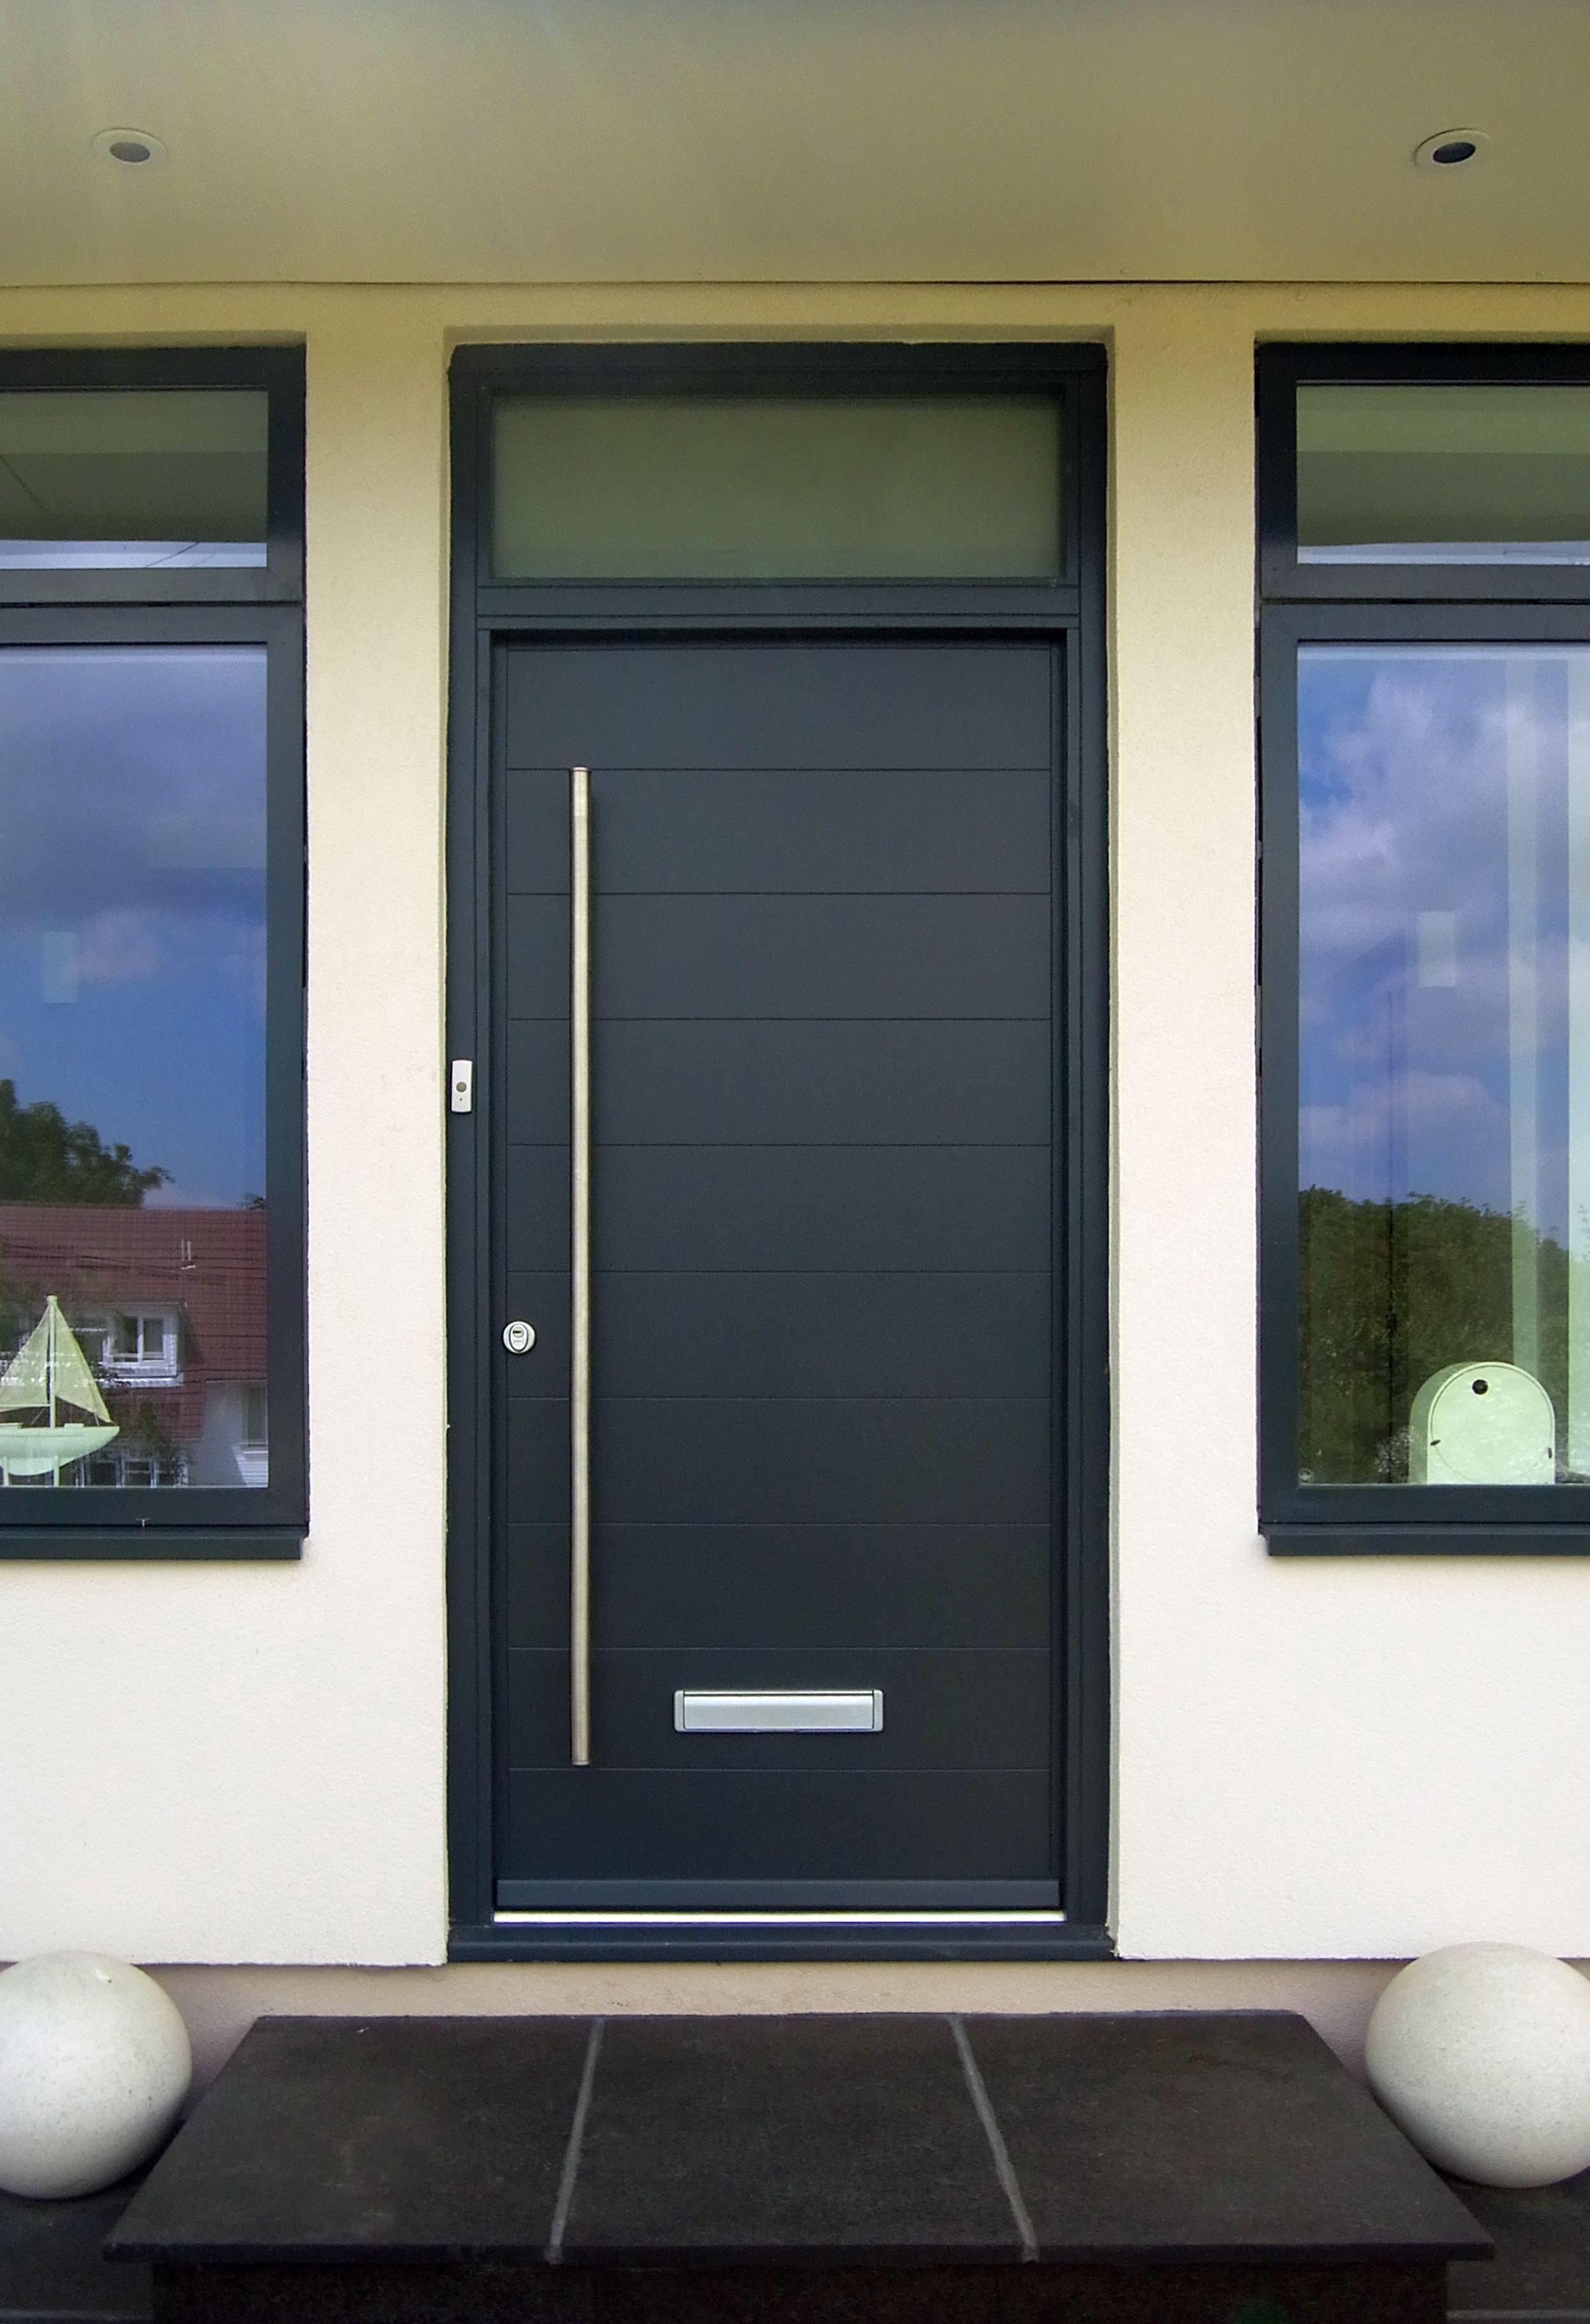 timber funkyfront hamburg 1 frame 10 painted ral 7016 front door pinterest couleurs. Black Bedroom Furniture Sets. Home Design Ideas